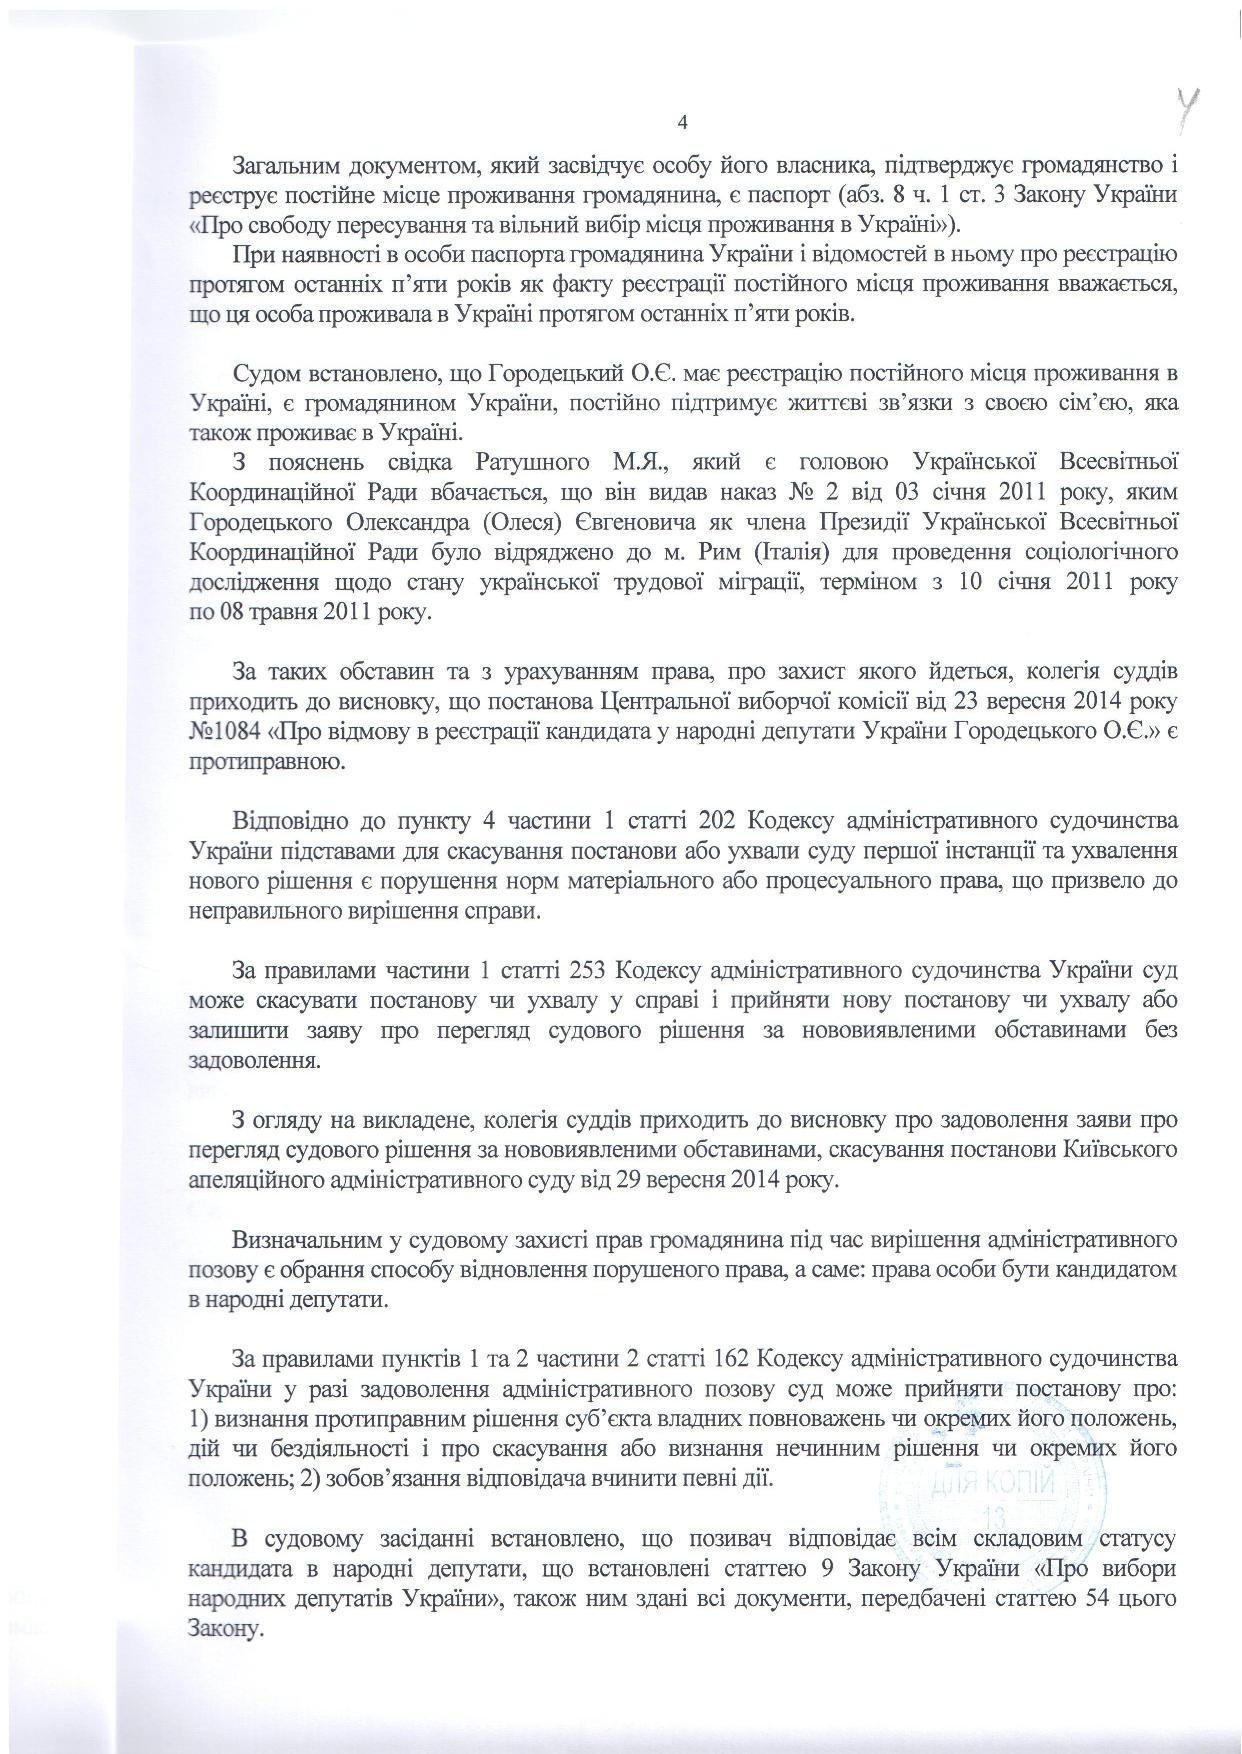 Вариант Хорошковского: ЦИК блокирует регистрациию кандидата